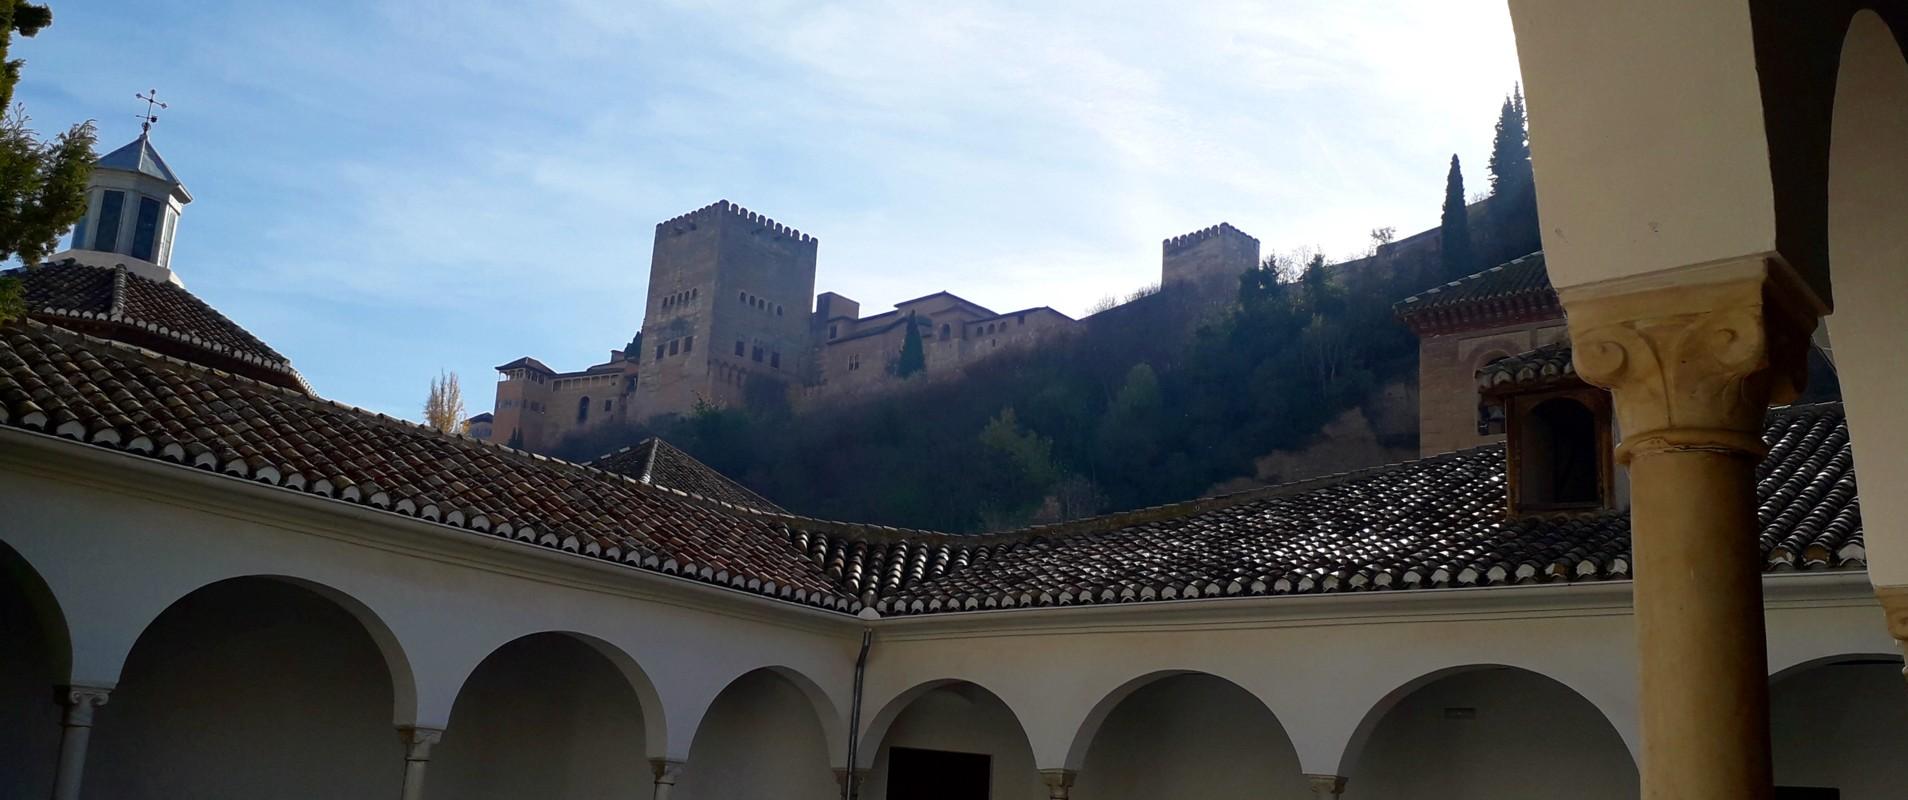 Instituto – Granada Hermes Internacional Visita Arqueológico De Al Museo 3LAR4c5jq